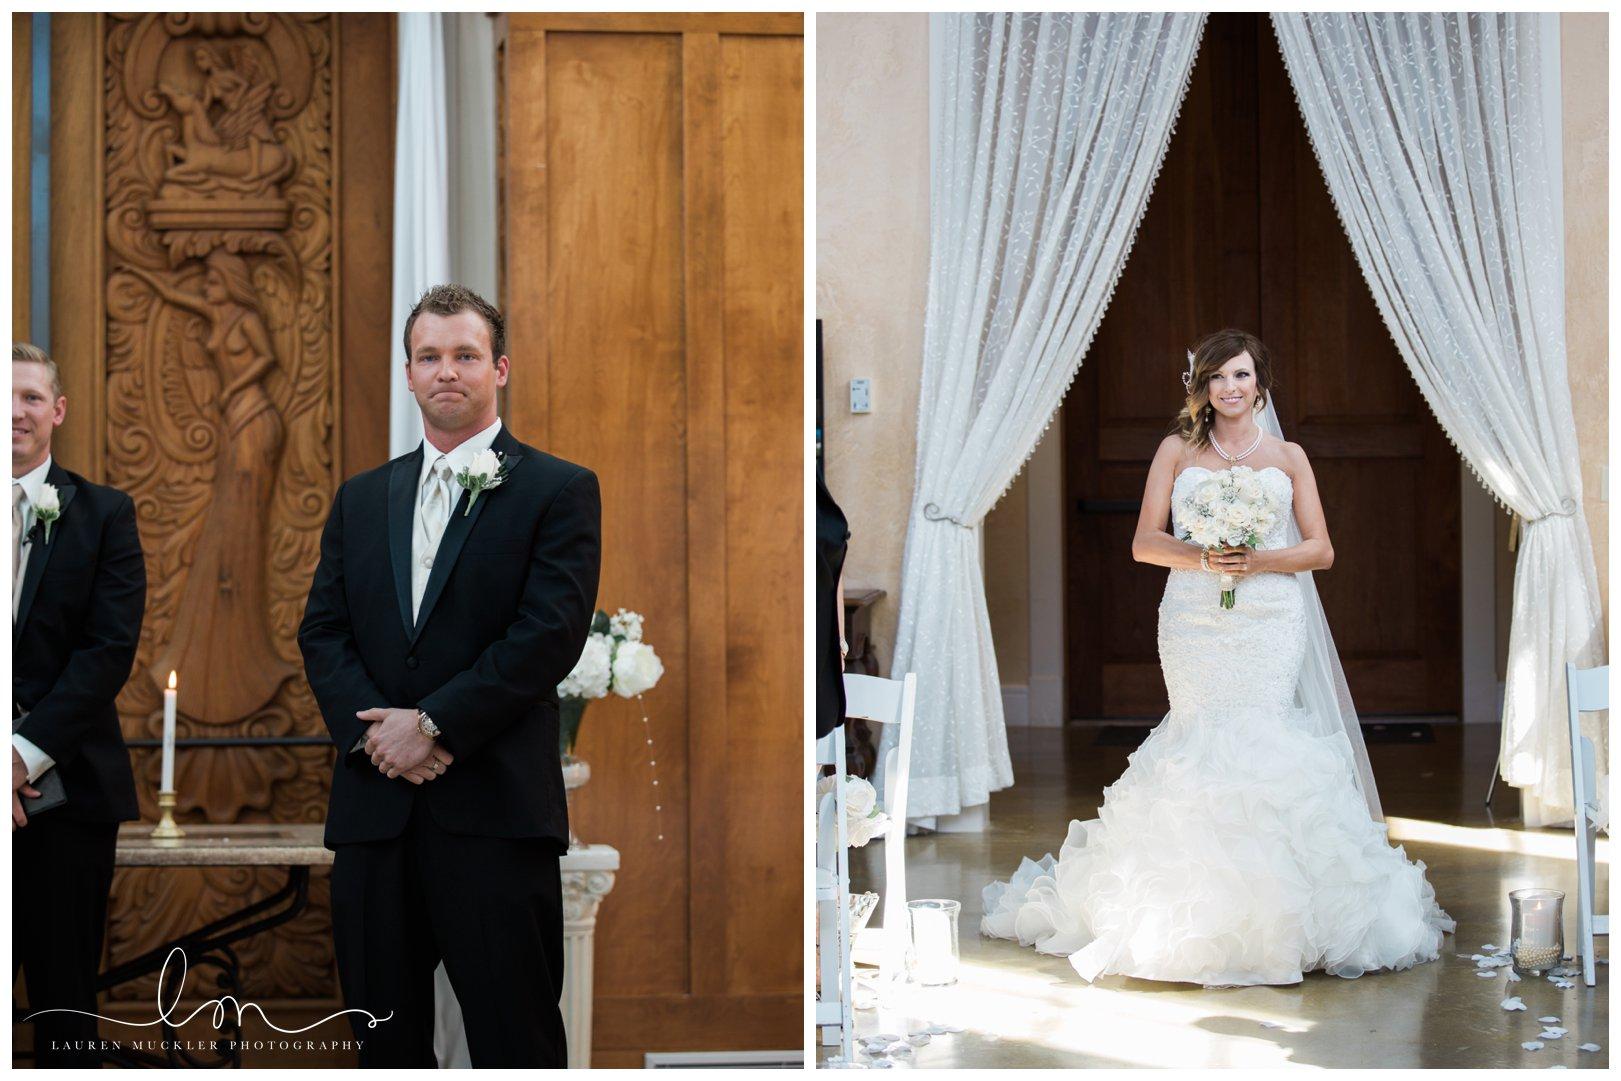 lauren muckler photography_fine art film wedding photography_st louis_photography_0464.jpg